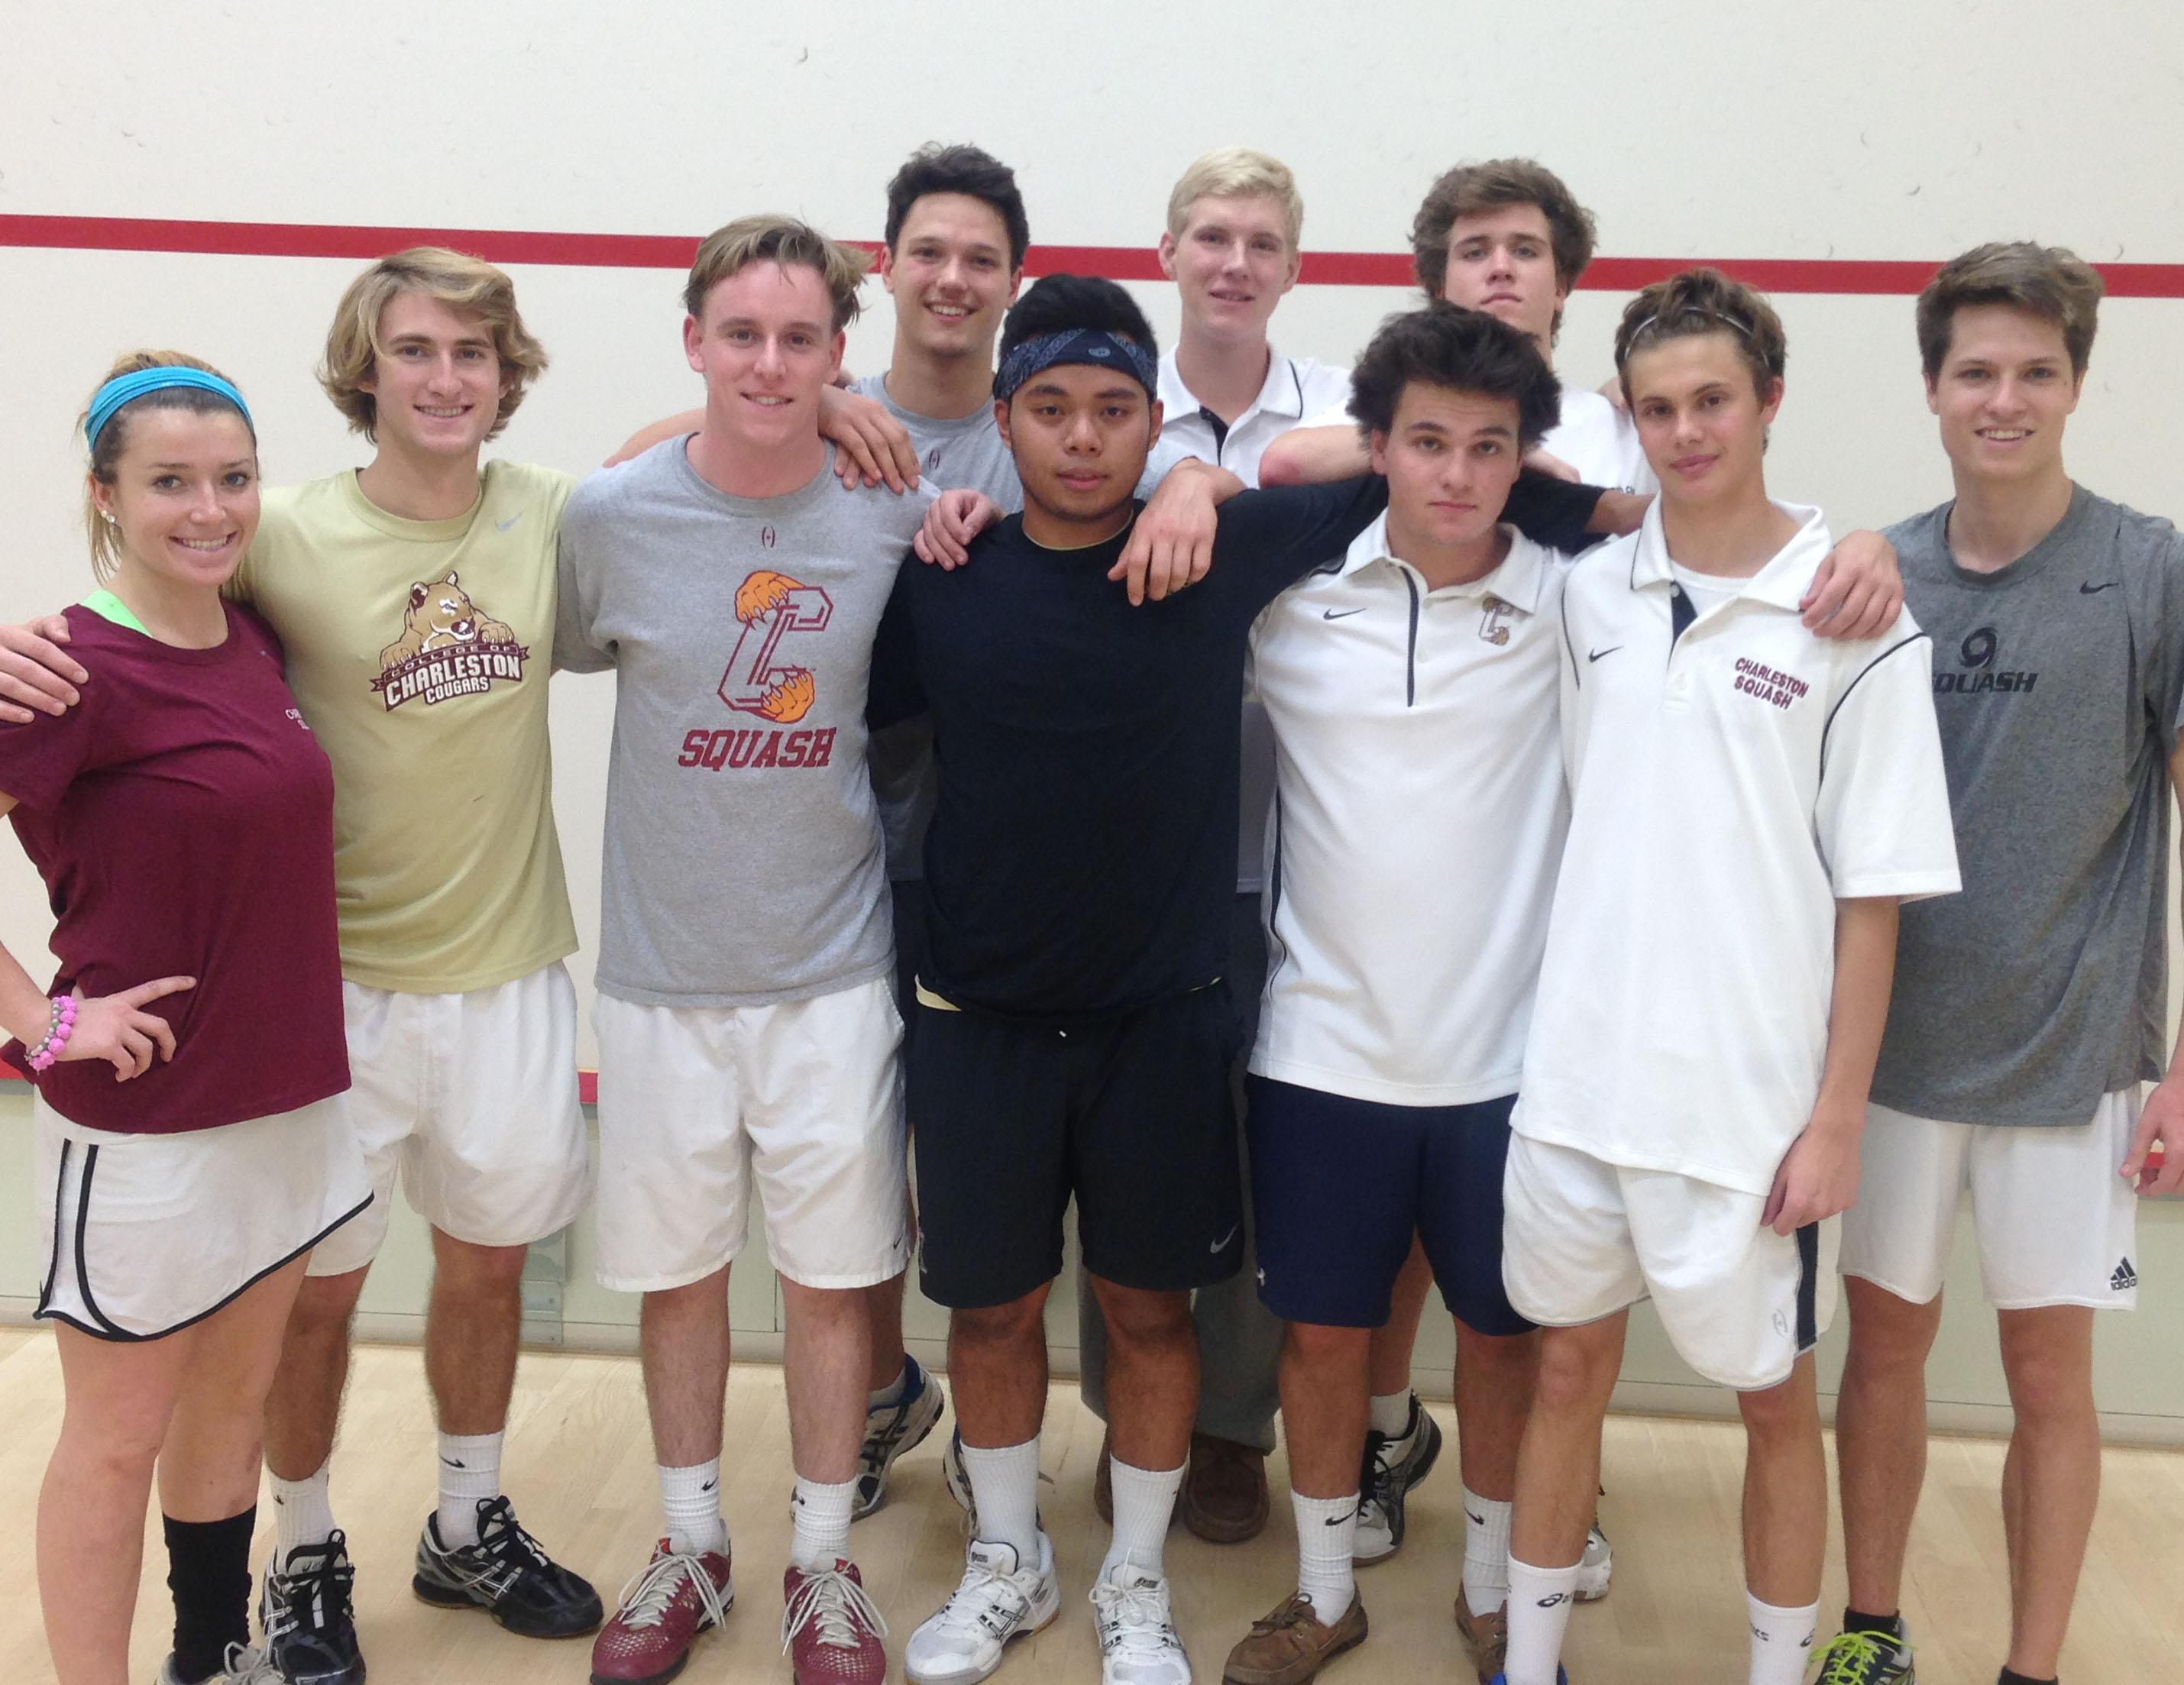 CofC Club Squash Team